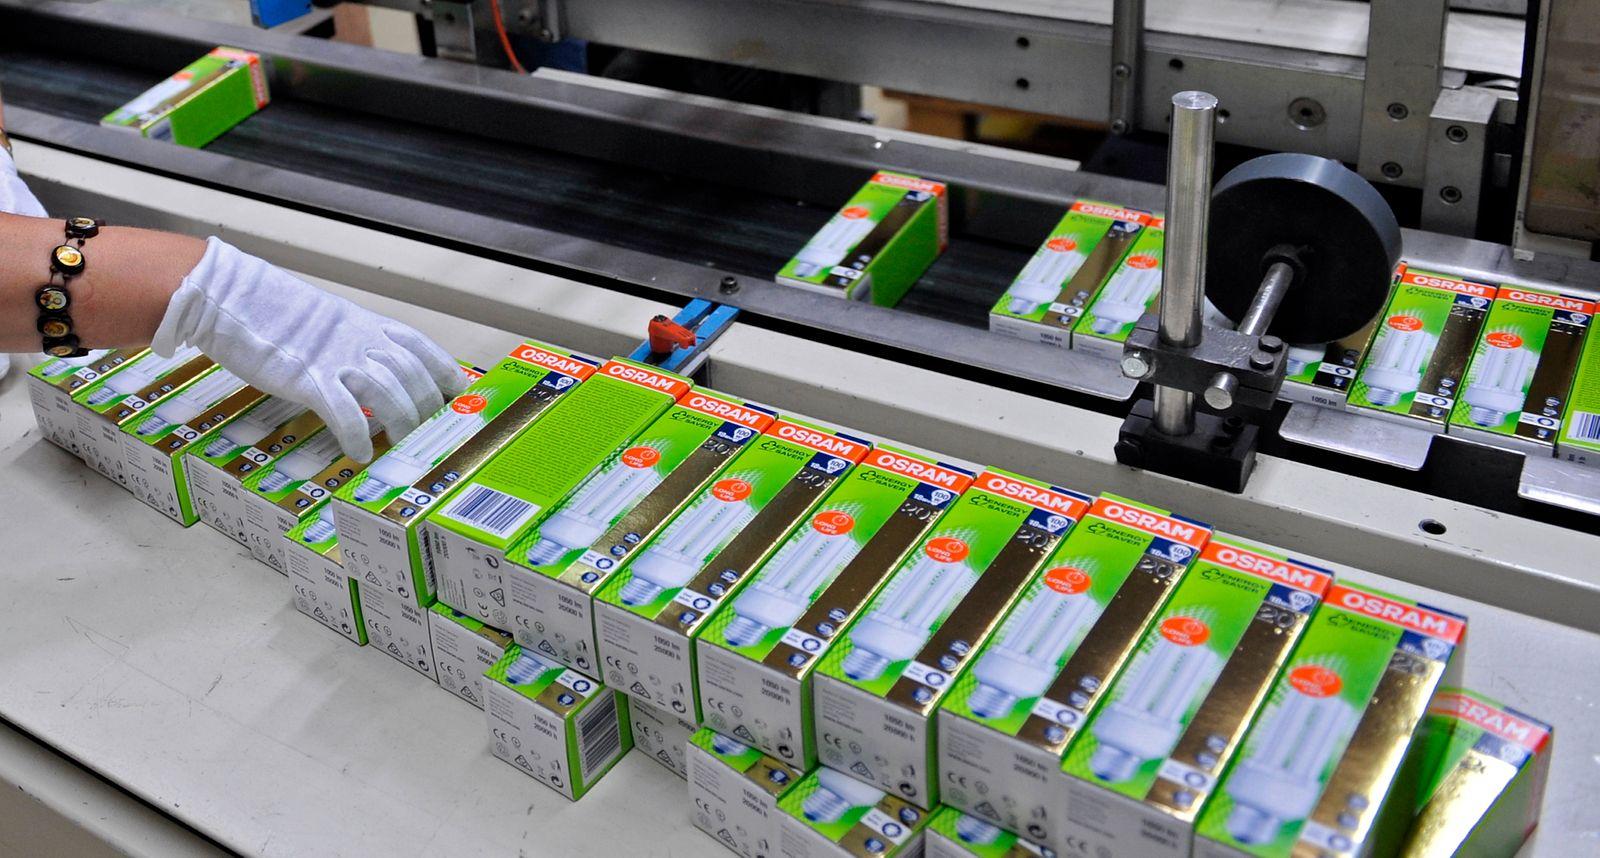 NICHT VERWENDEN Herstellung / Energiesparlampen / Osram